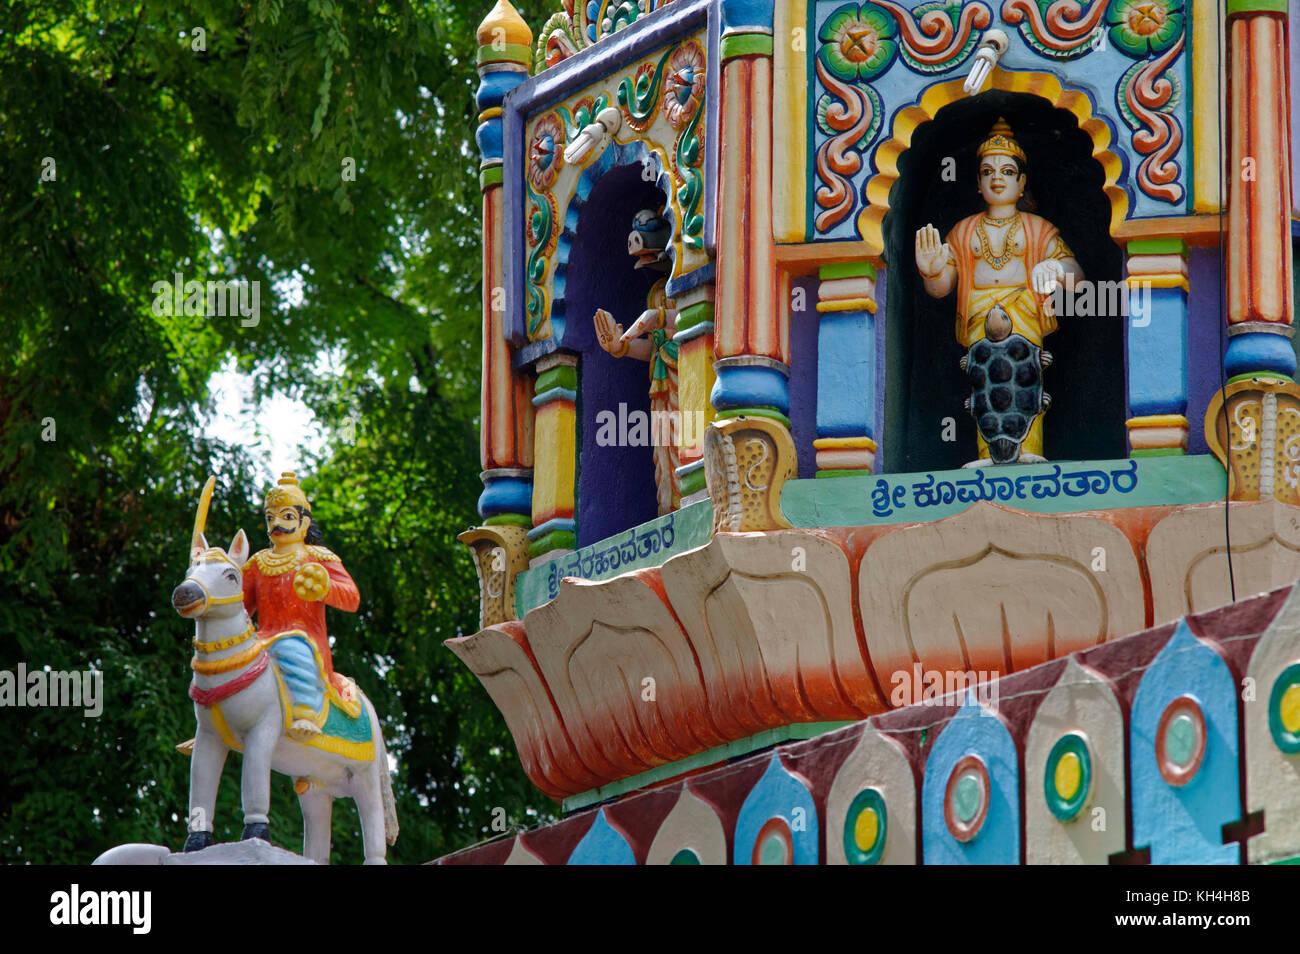 Anjaneya Tempel, belagavi, Karnataka, Indien, Asien Stockbild